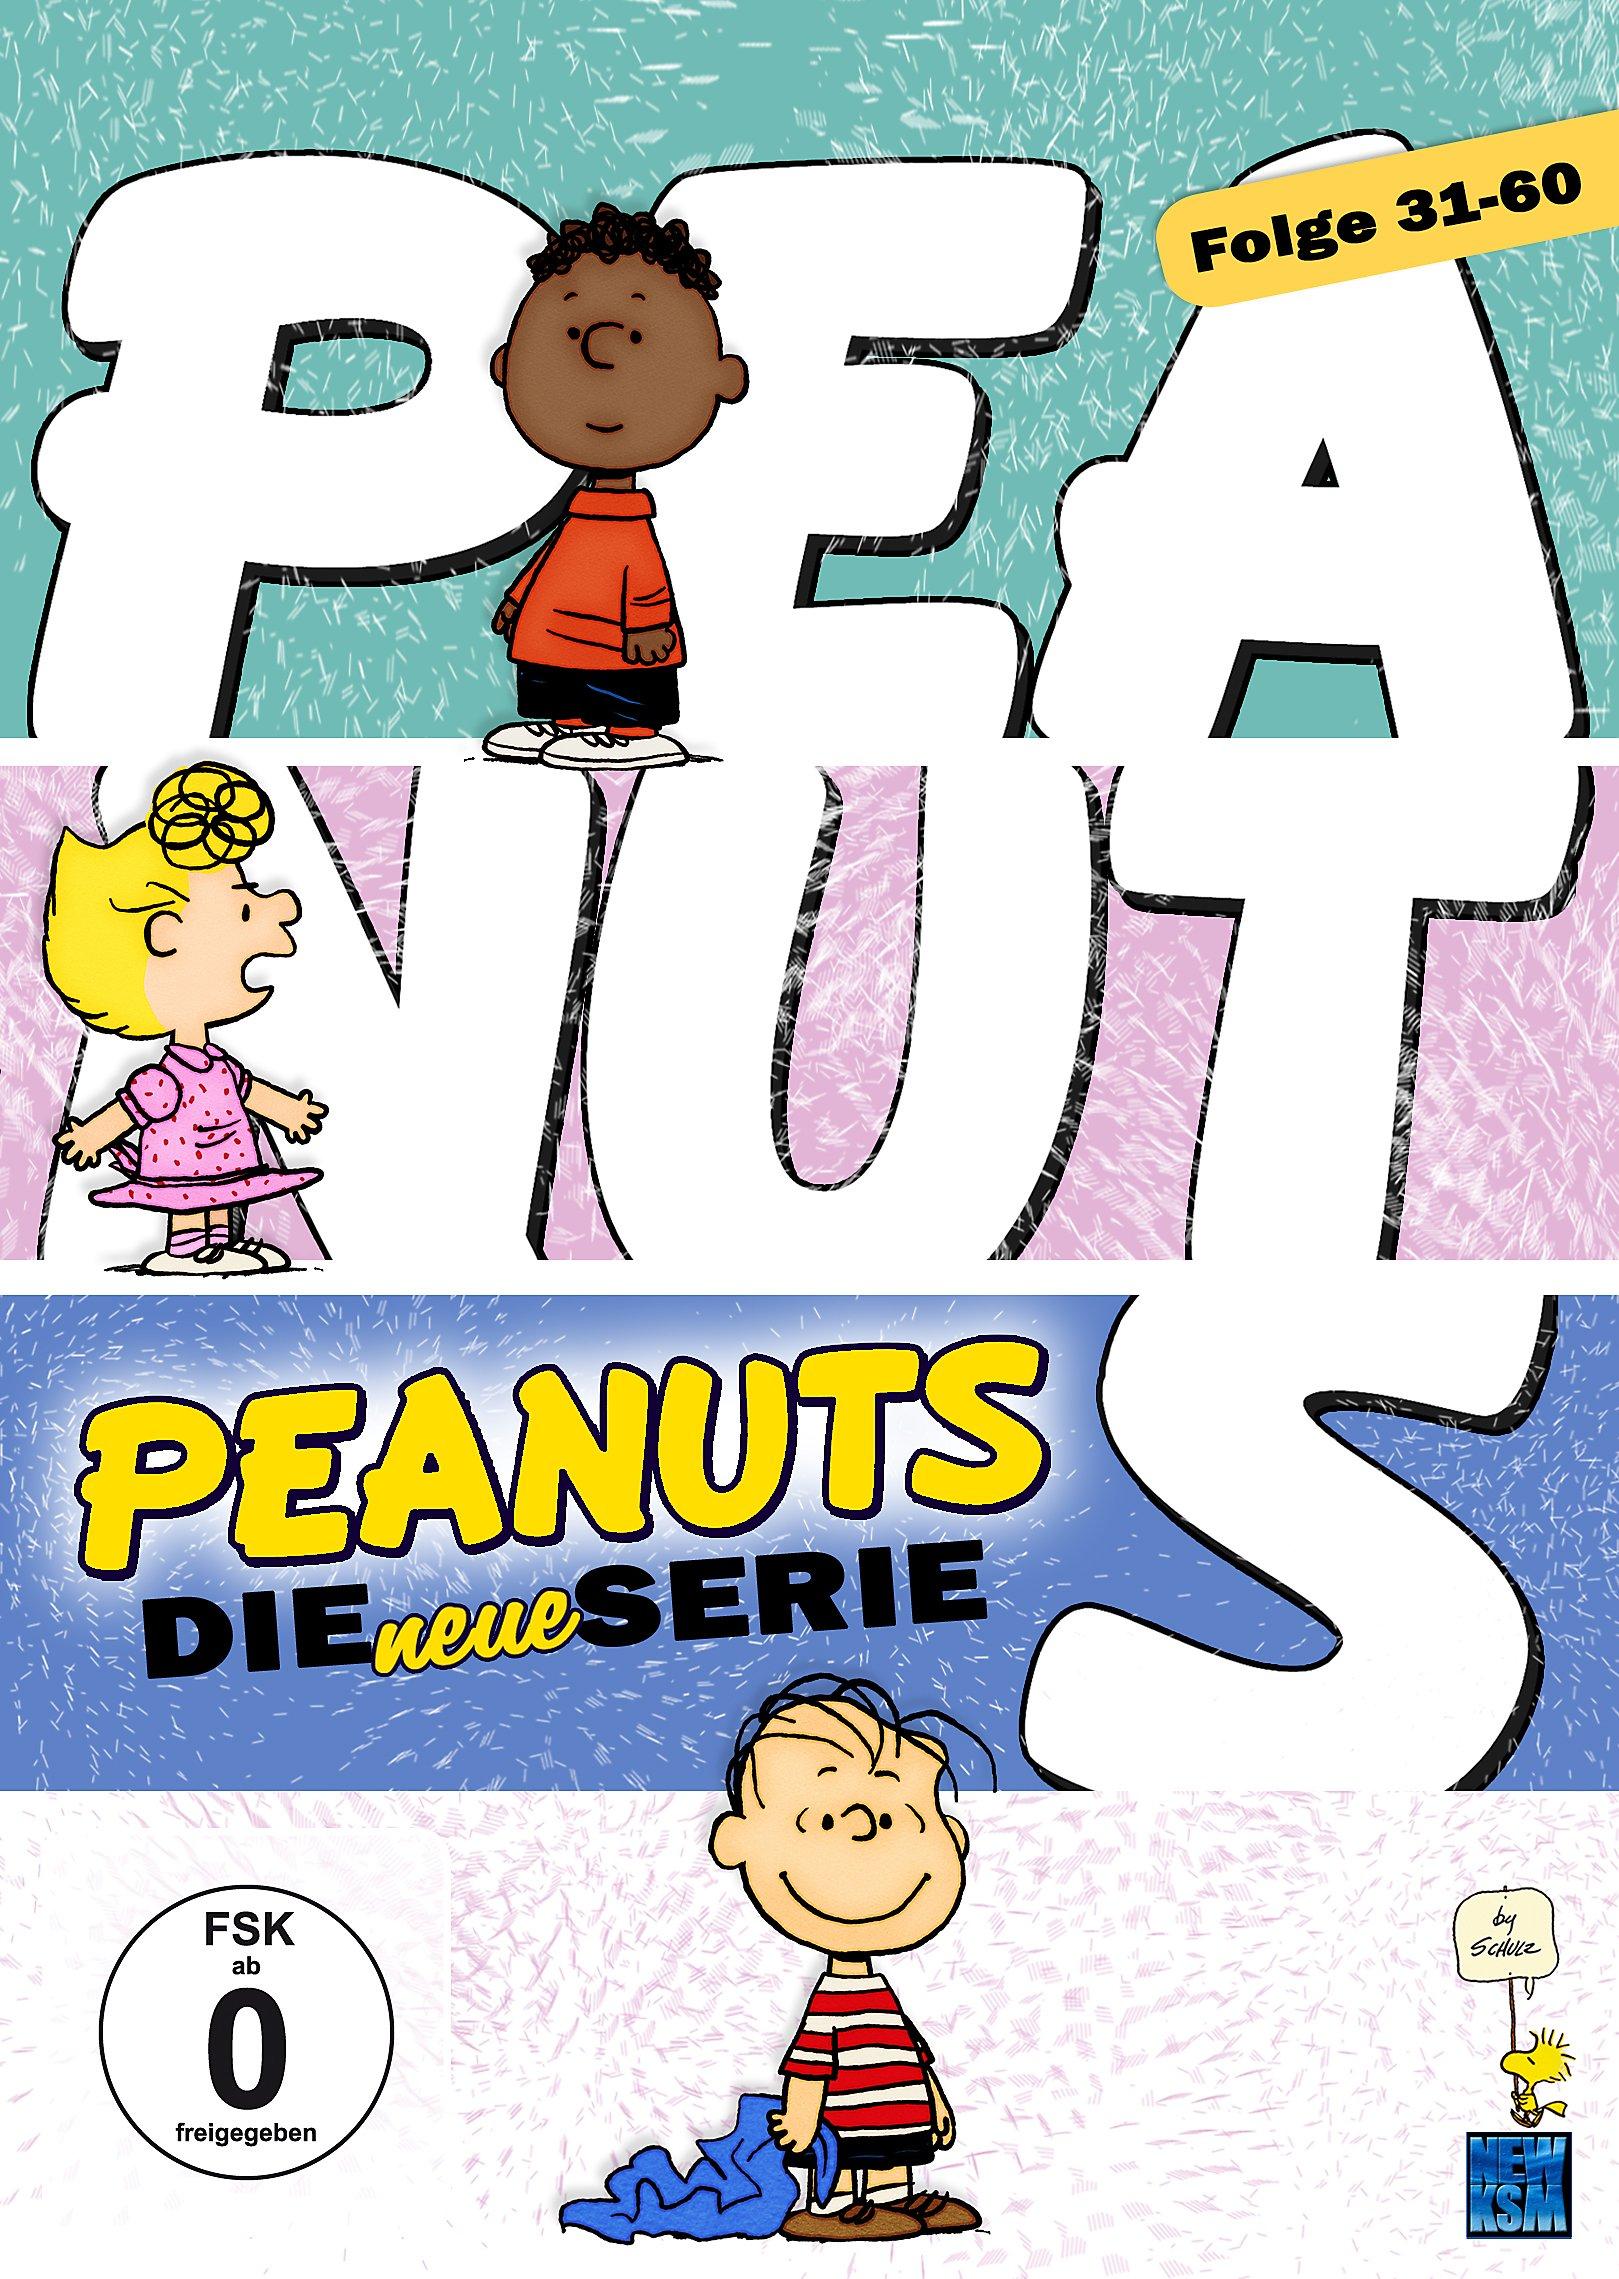 Die Peanuts Serie